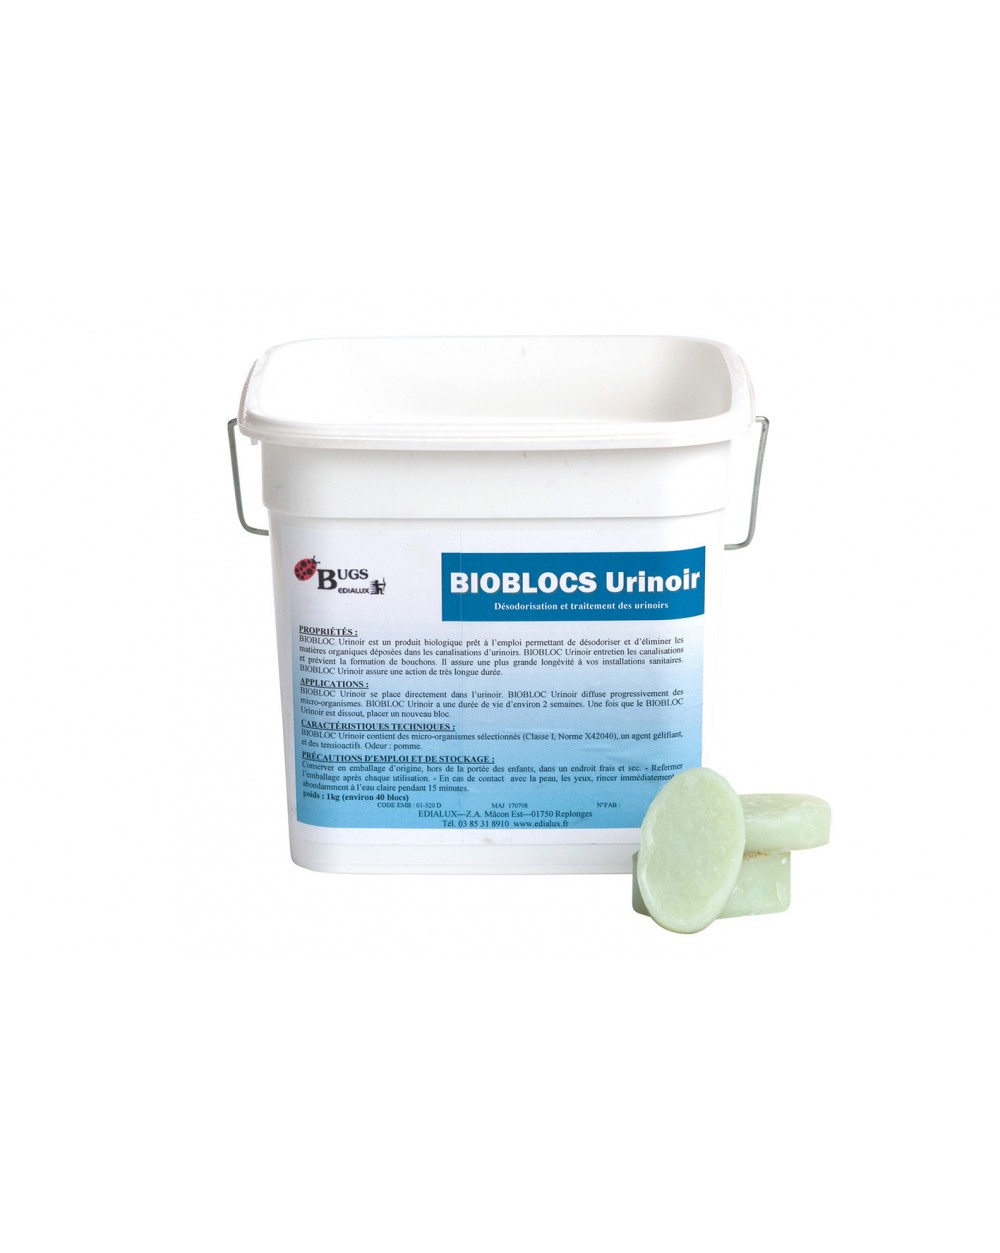 BIOBLOCS urinoirs